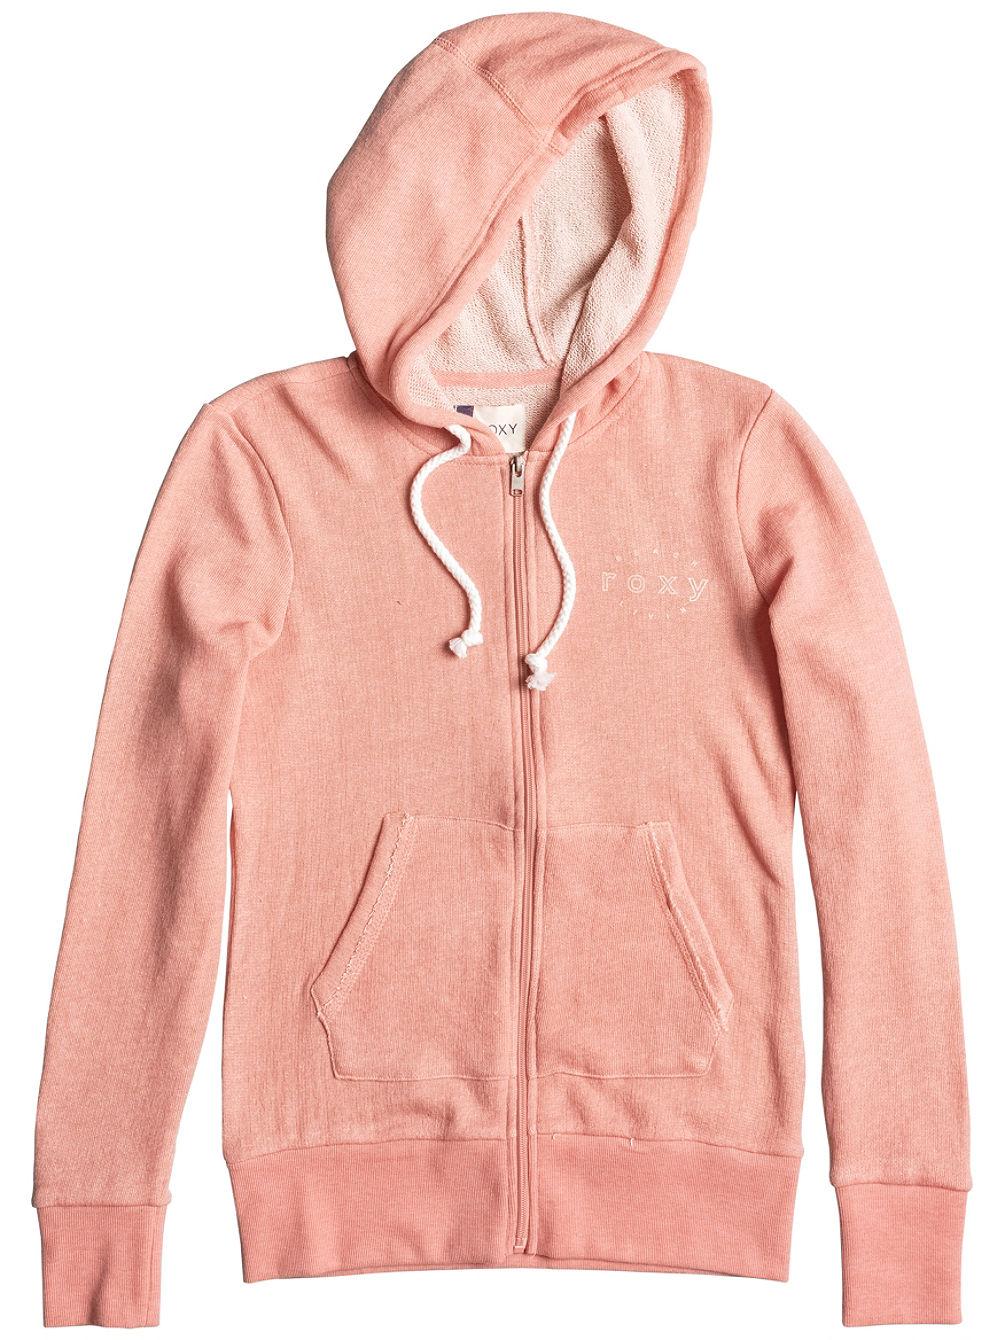 roxy-summer-rules-zip-hoodie